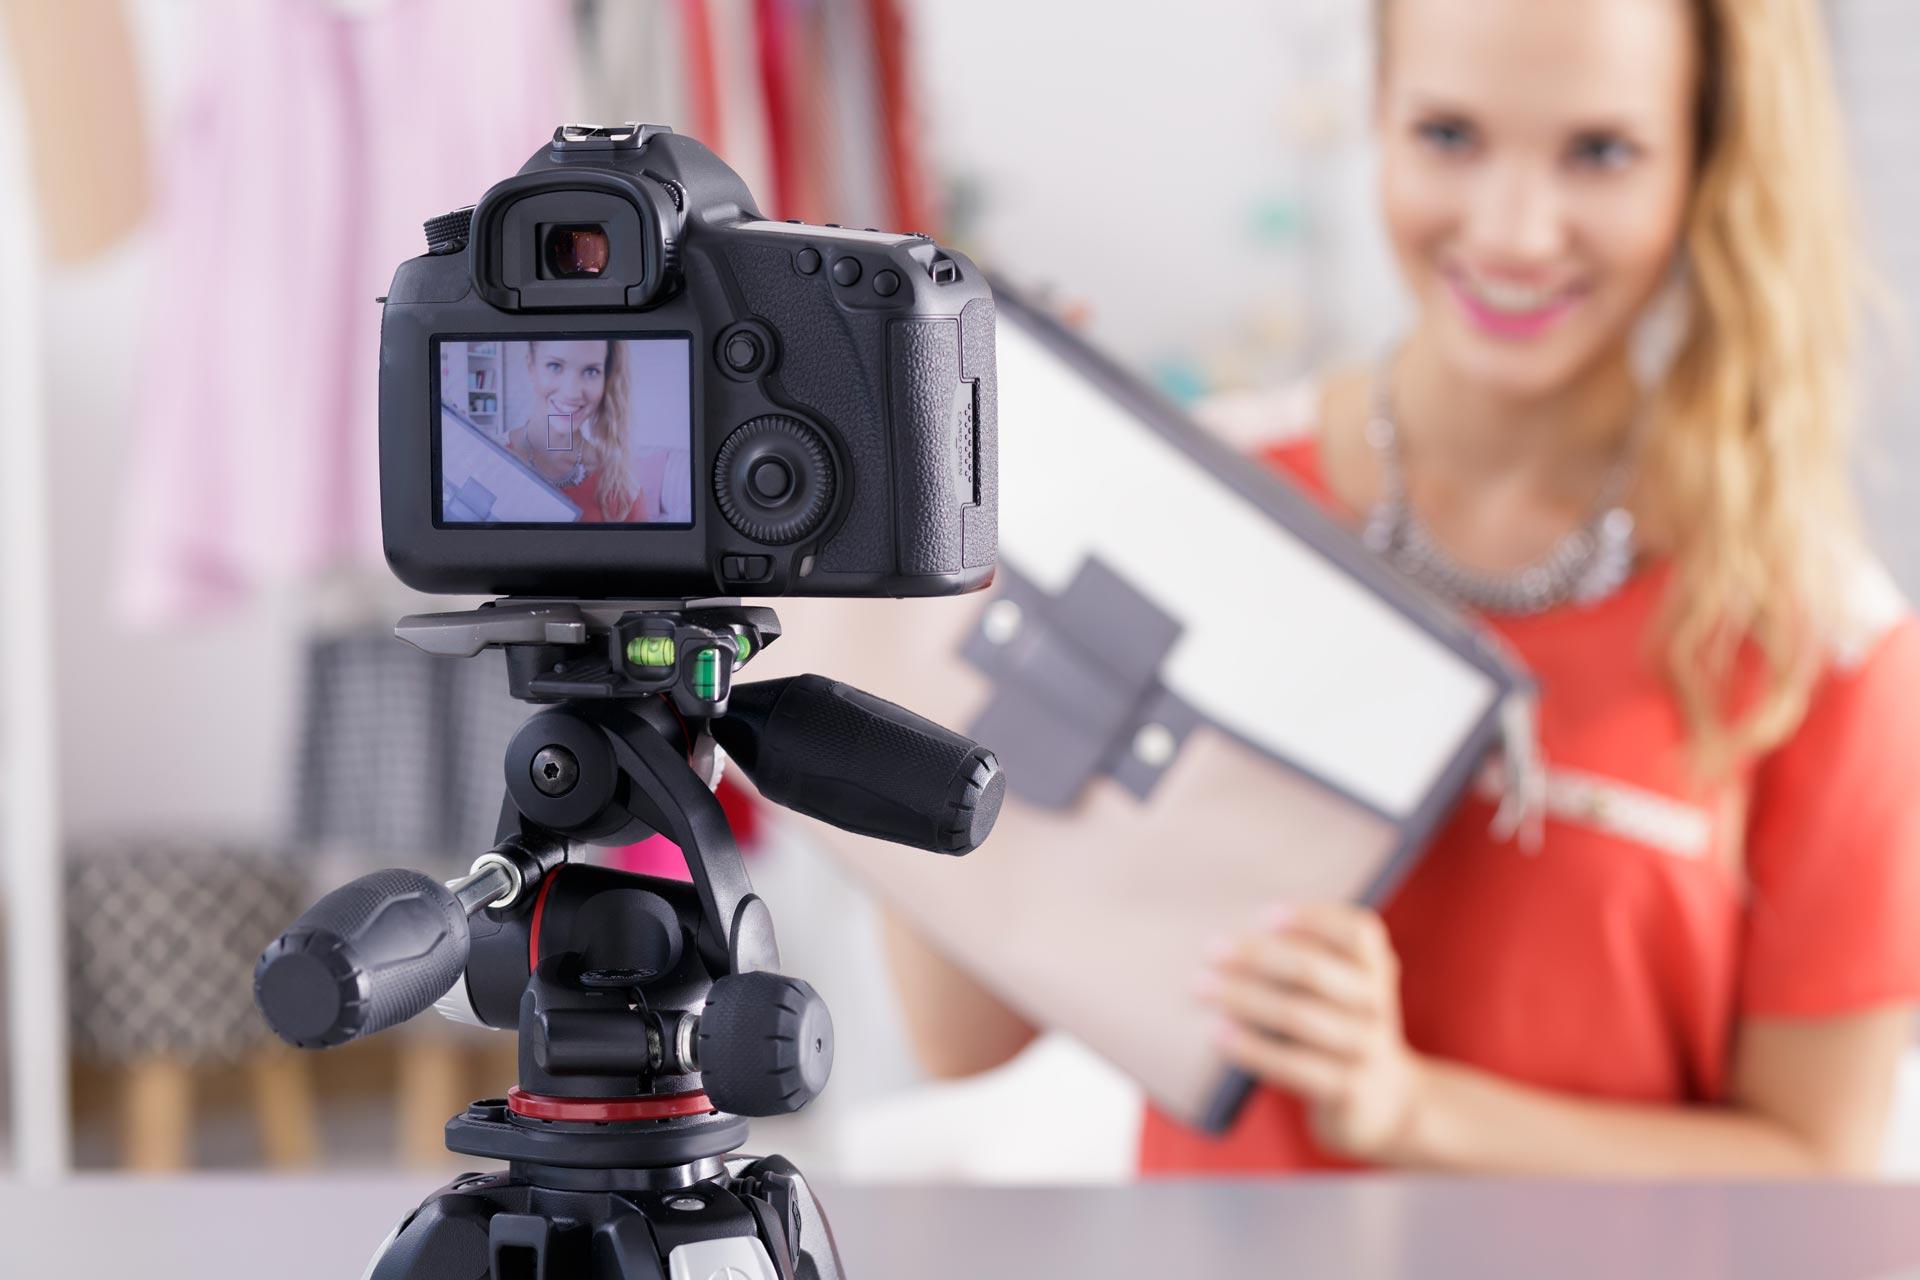 How Do You Film a Good Video?